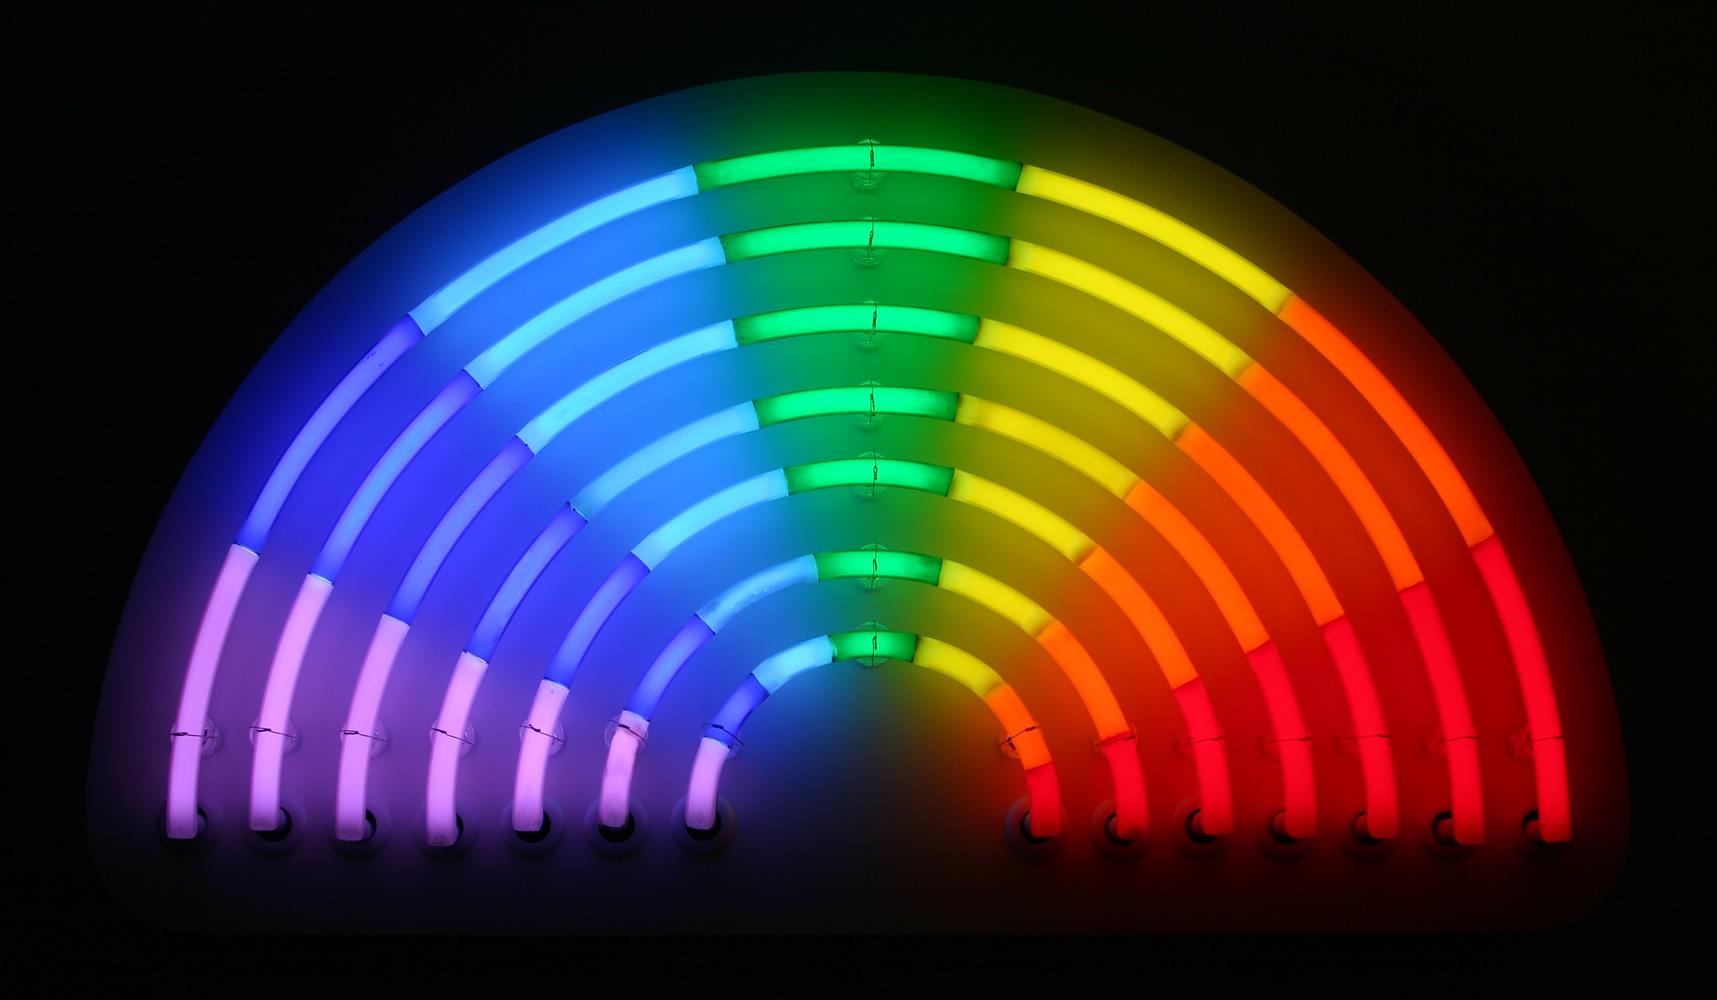 1920x1080px Neon Lights Background 445993 1717x1000